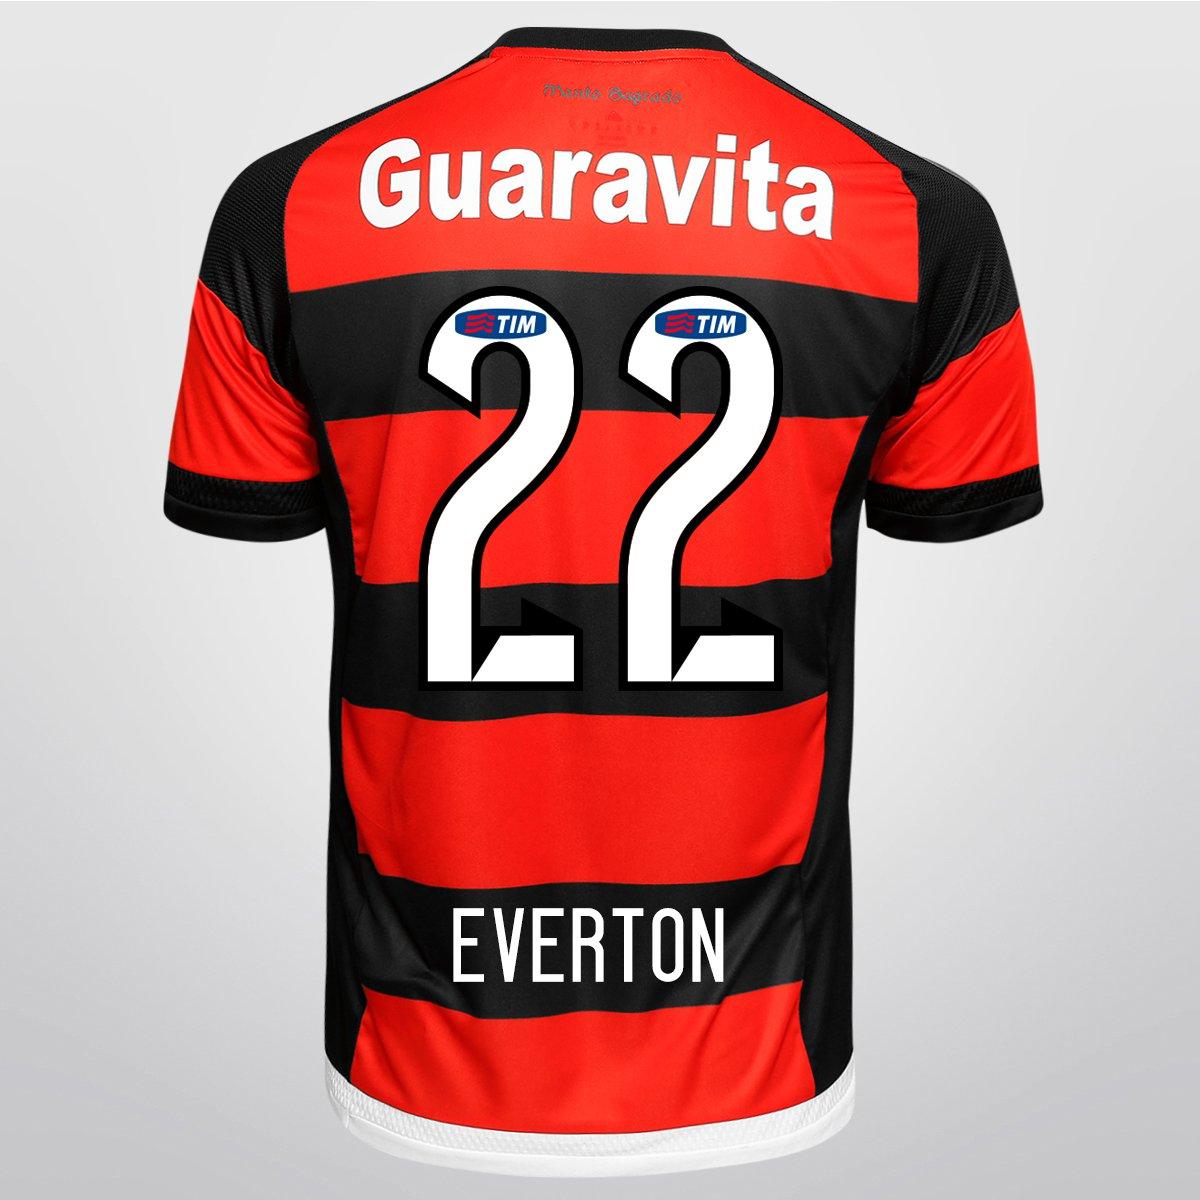 Camisa Adidas Flamengo I 15 16 nº 22 - Everton - Compre Agora  47dbfdddb82b2